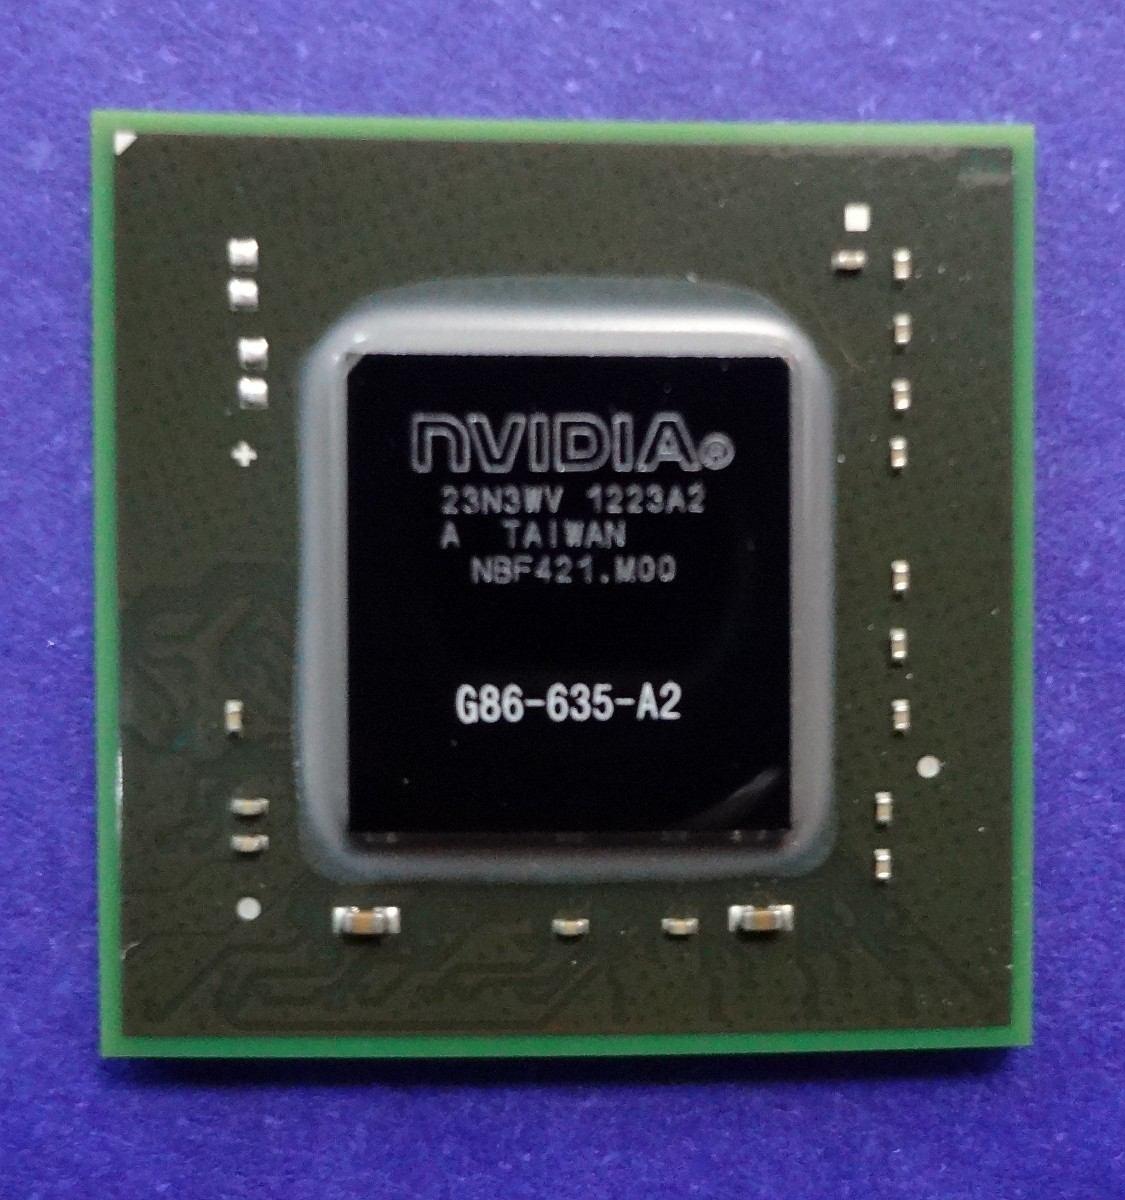 NVIDIA G86 A2 DRIVER DOWNLOAD (2019)